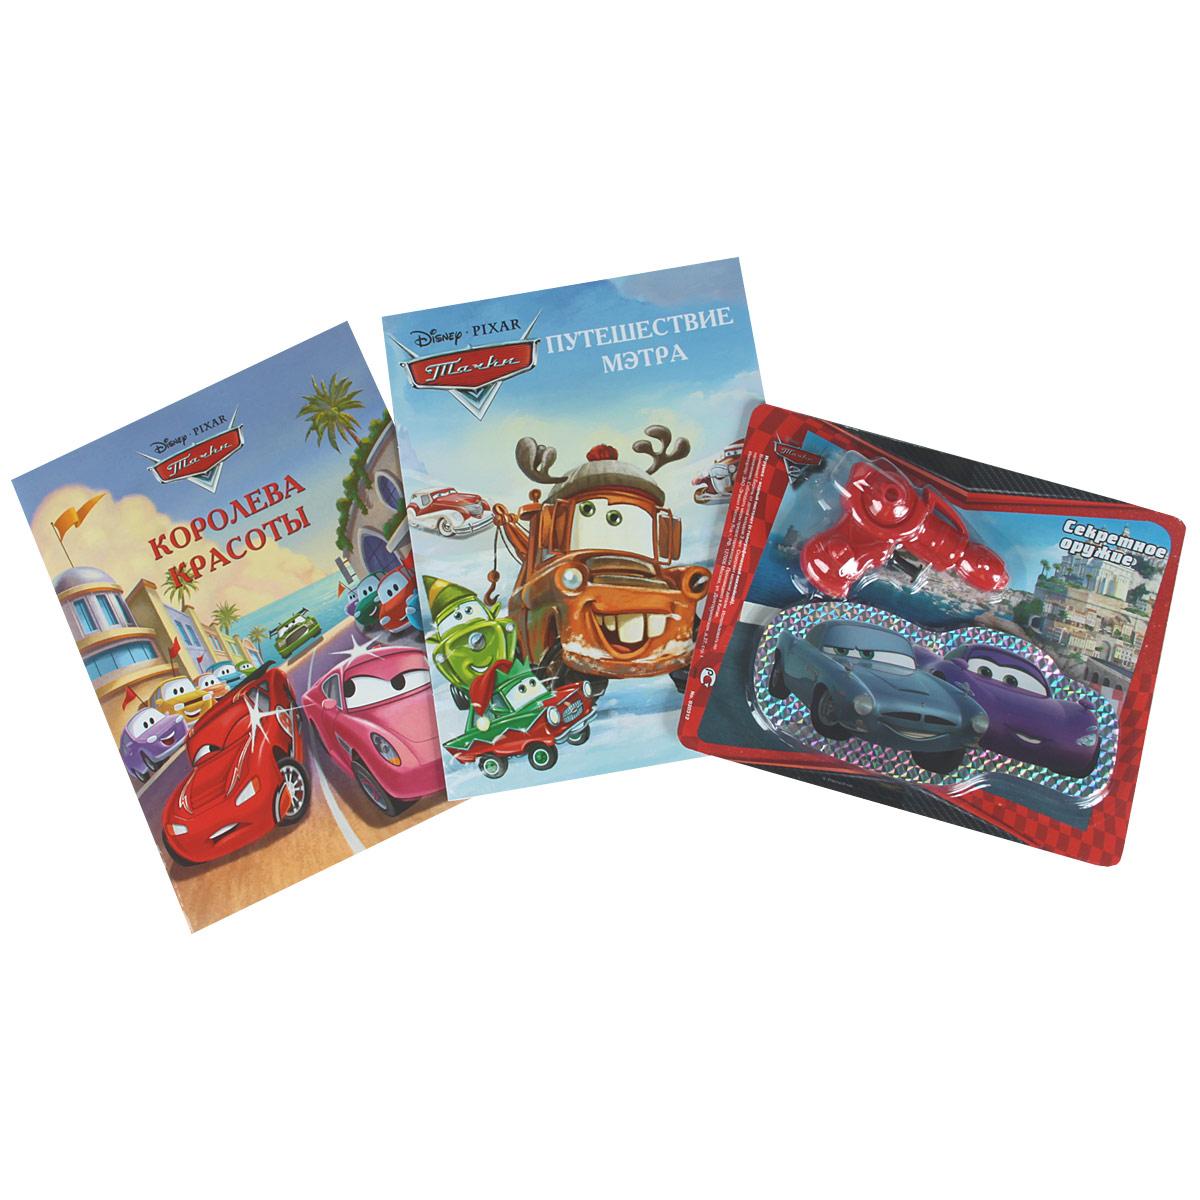 Тачки (комплект из 2 книг + подарок)